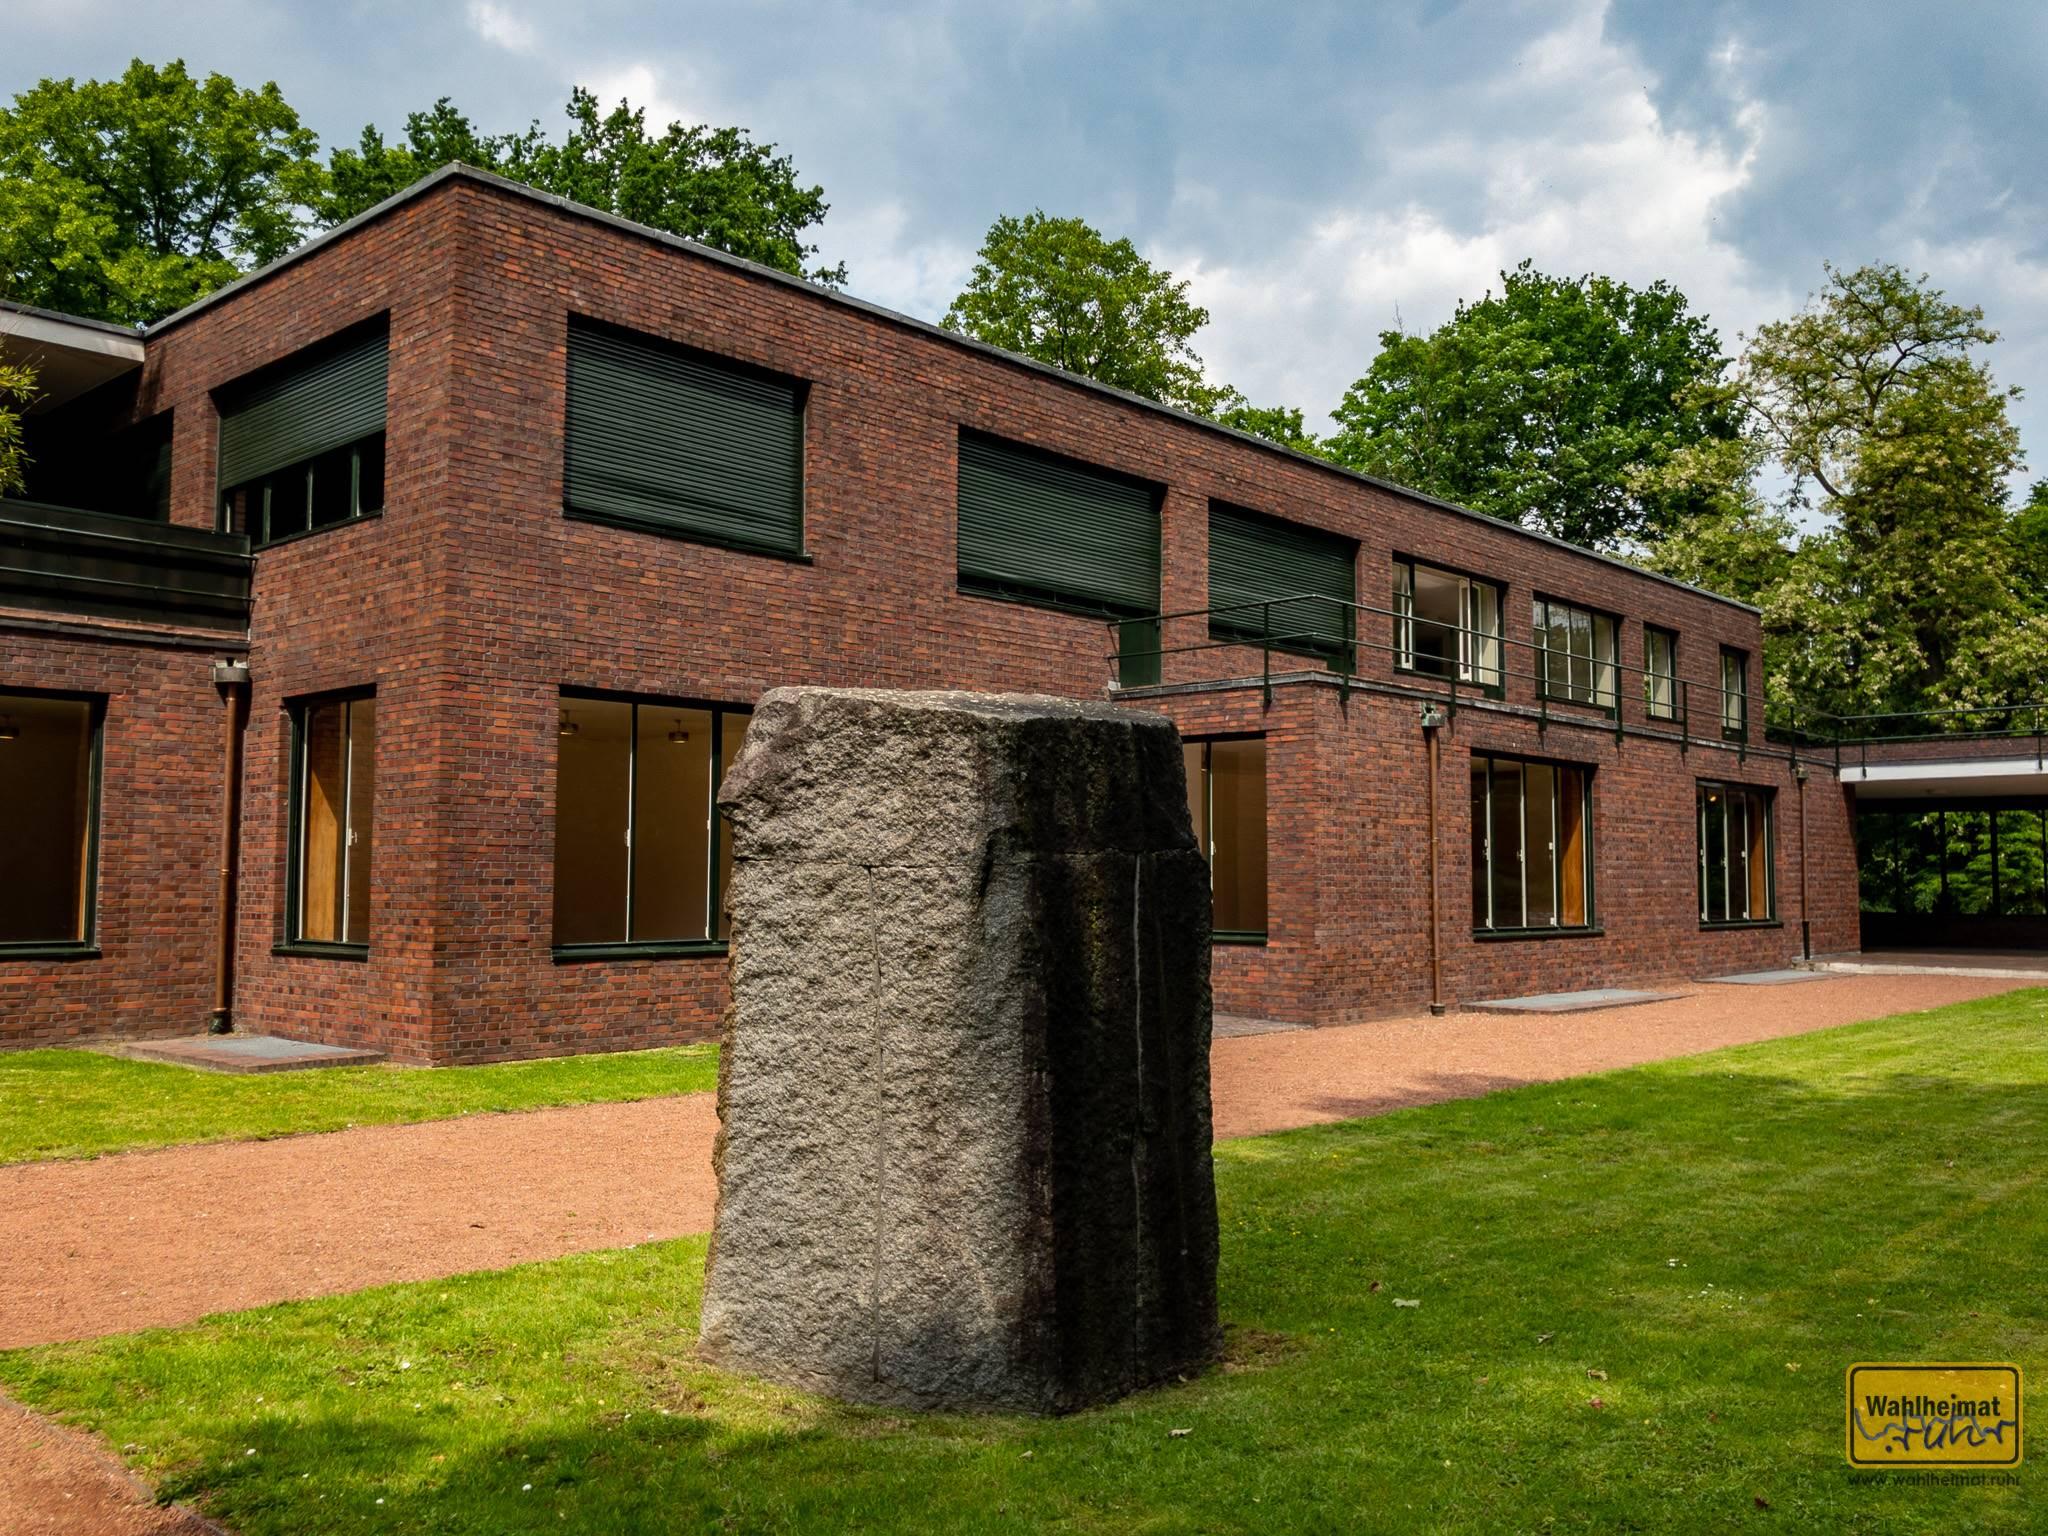 """Haus Esters und Haus Lange in Krefeld stehen direkt nebeneinander. Zwei typische Bauhaus-Bauten (""""große Fenster, Flachdach""""), jedoch an die Bedürfnisse ihrer Bewohner angepasst."""